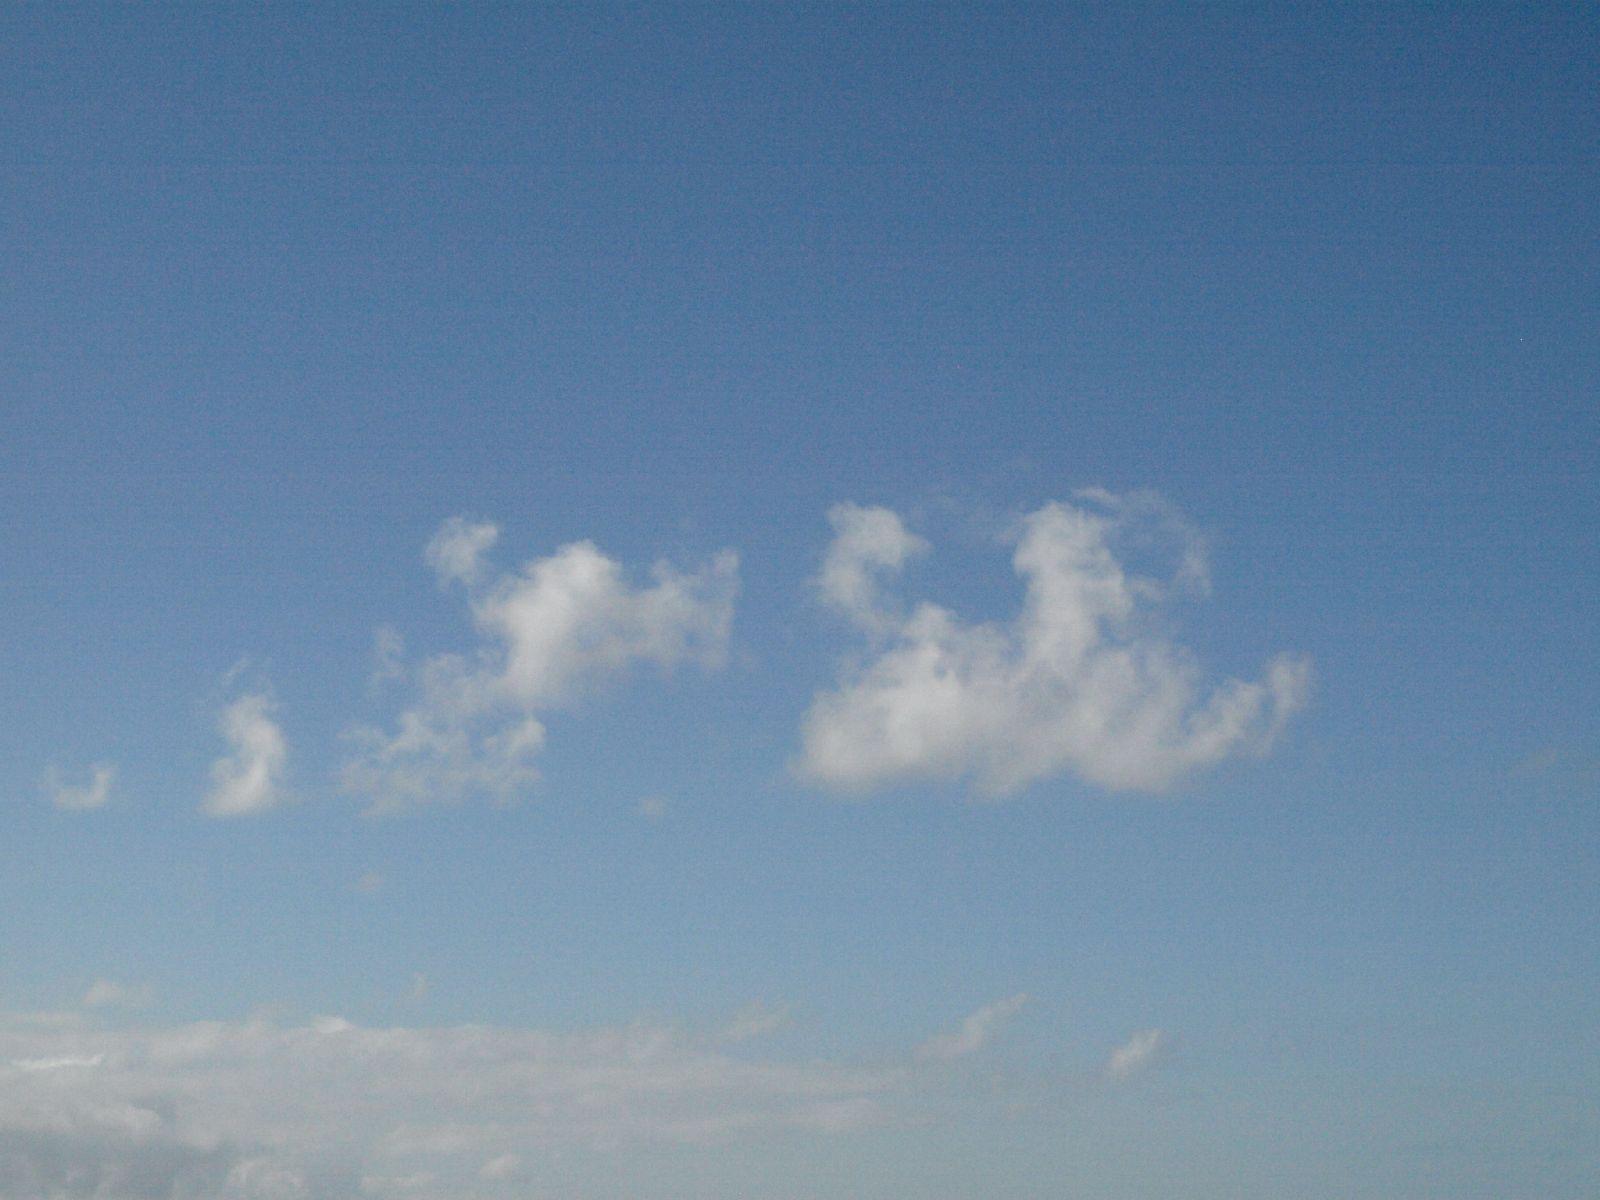 Himmel-Wolken-Foto_Textur_A_P5224129